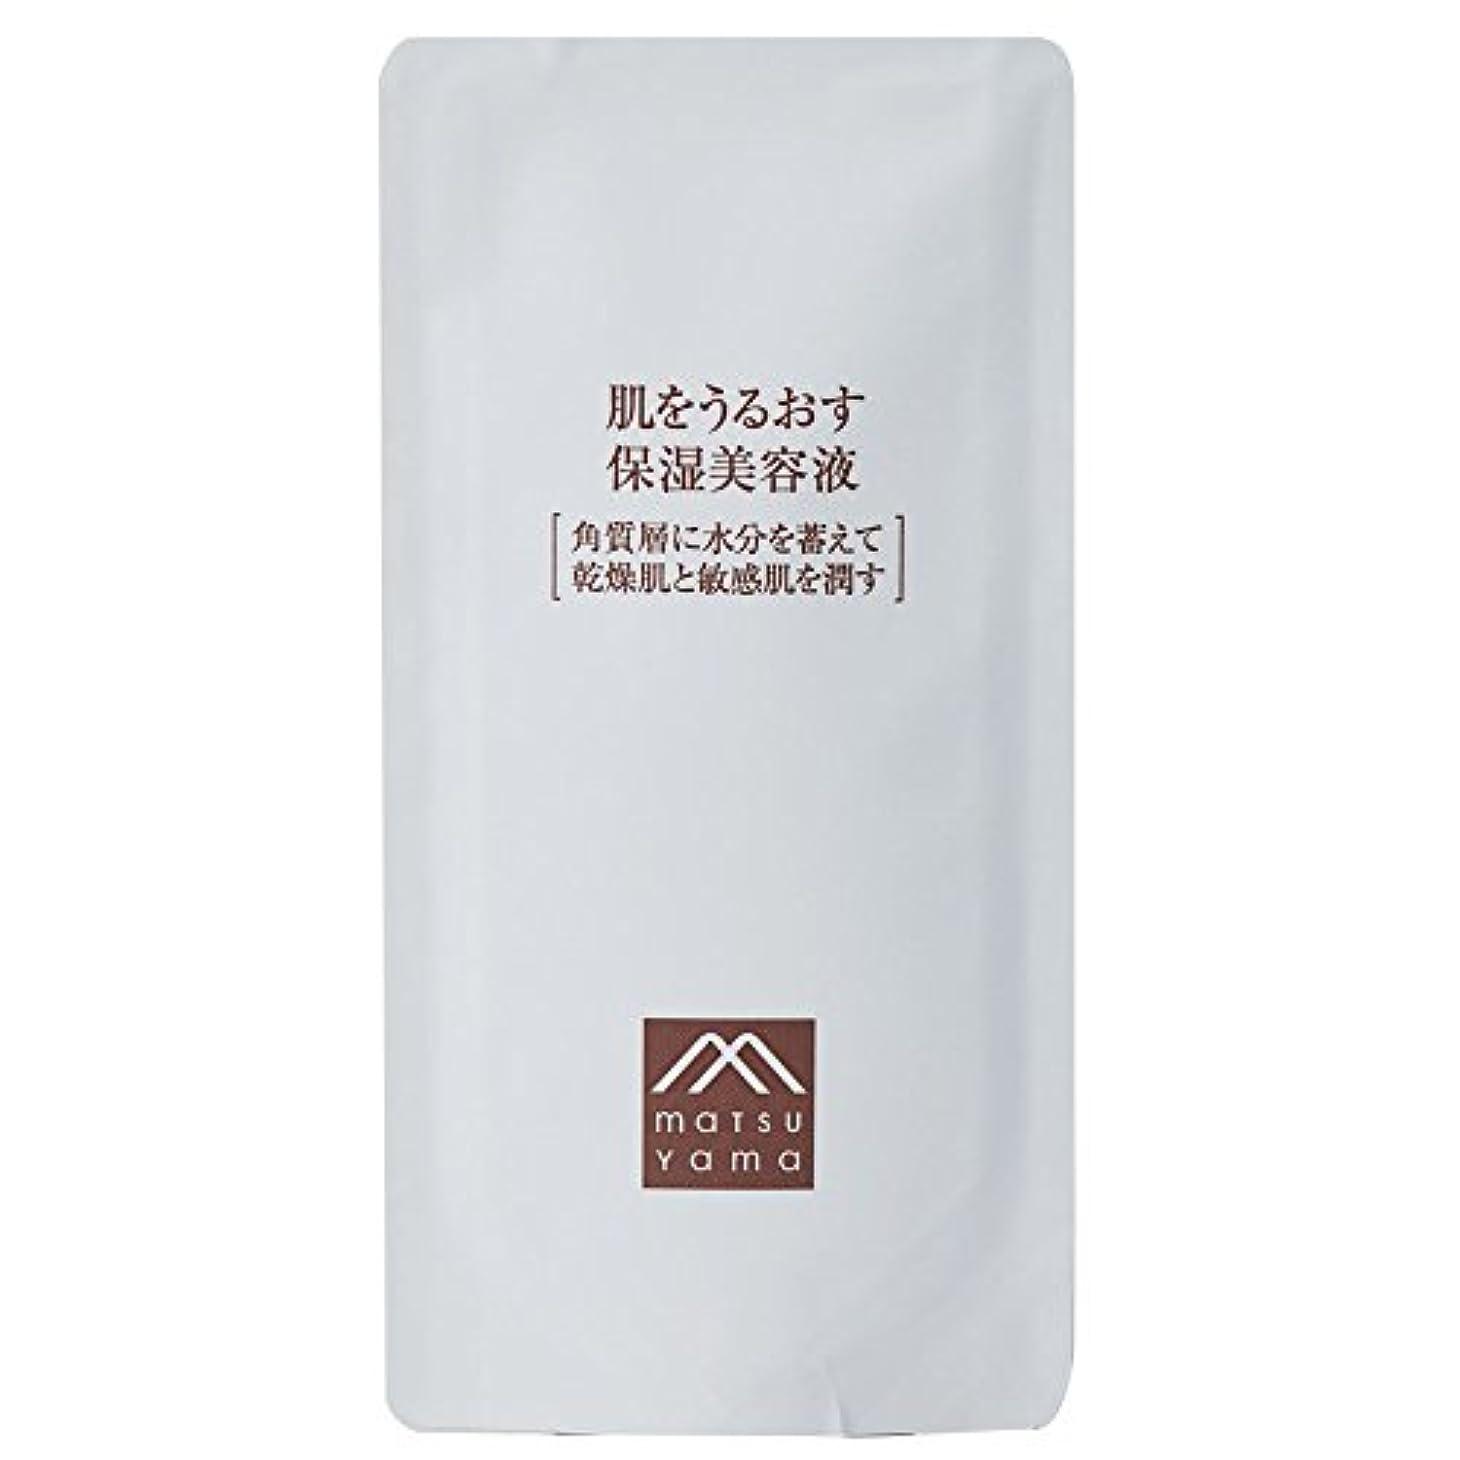 スパークスズメバチ属する肌をうるおす保湿美容液 詰替用(美容液) [乾燥肌 敏感肌]